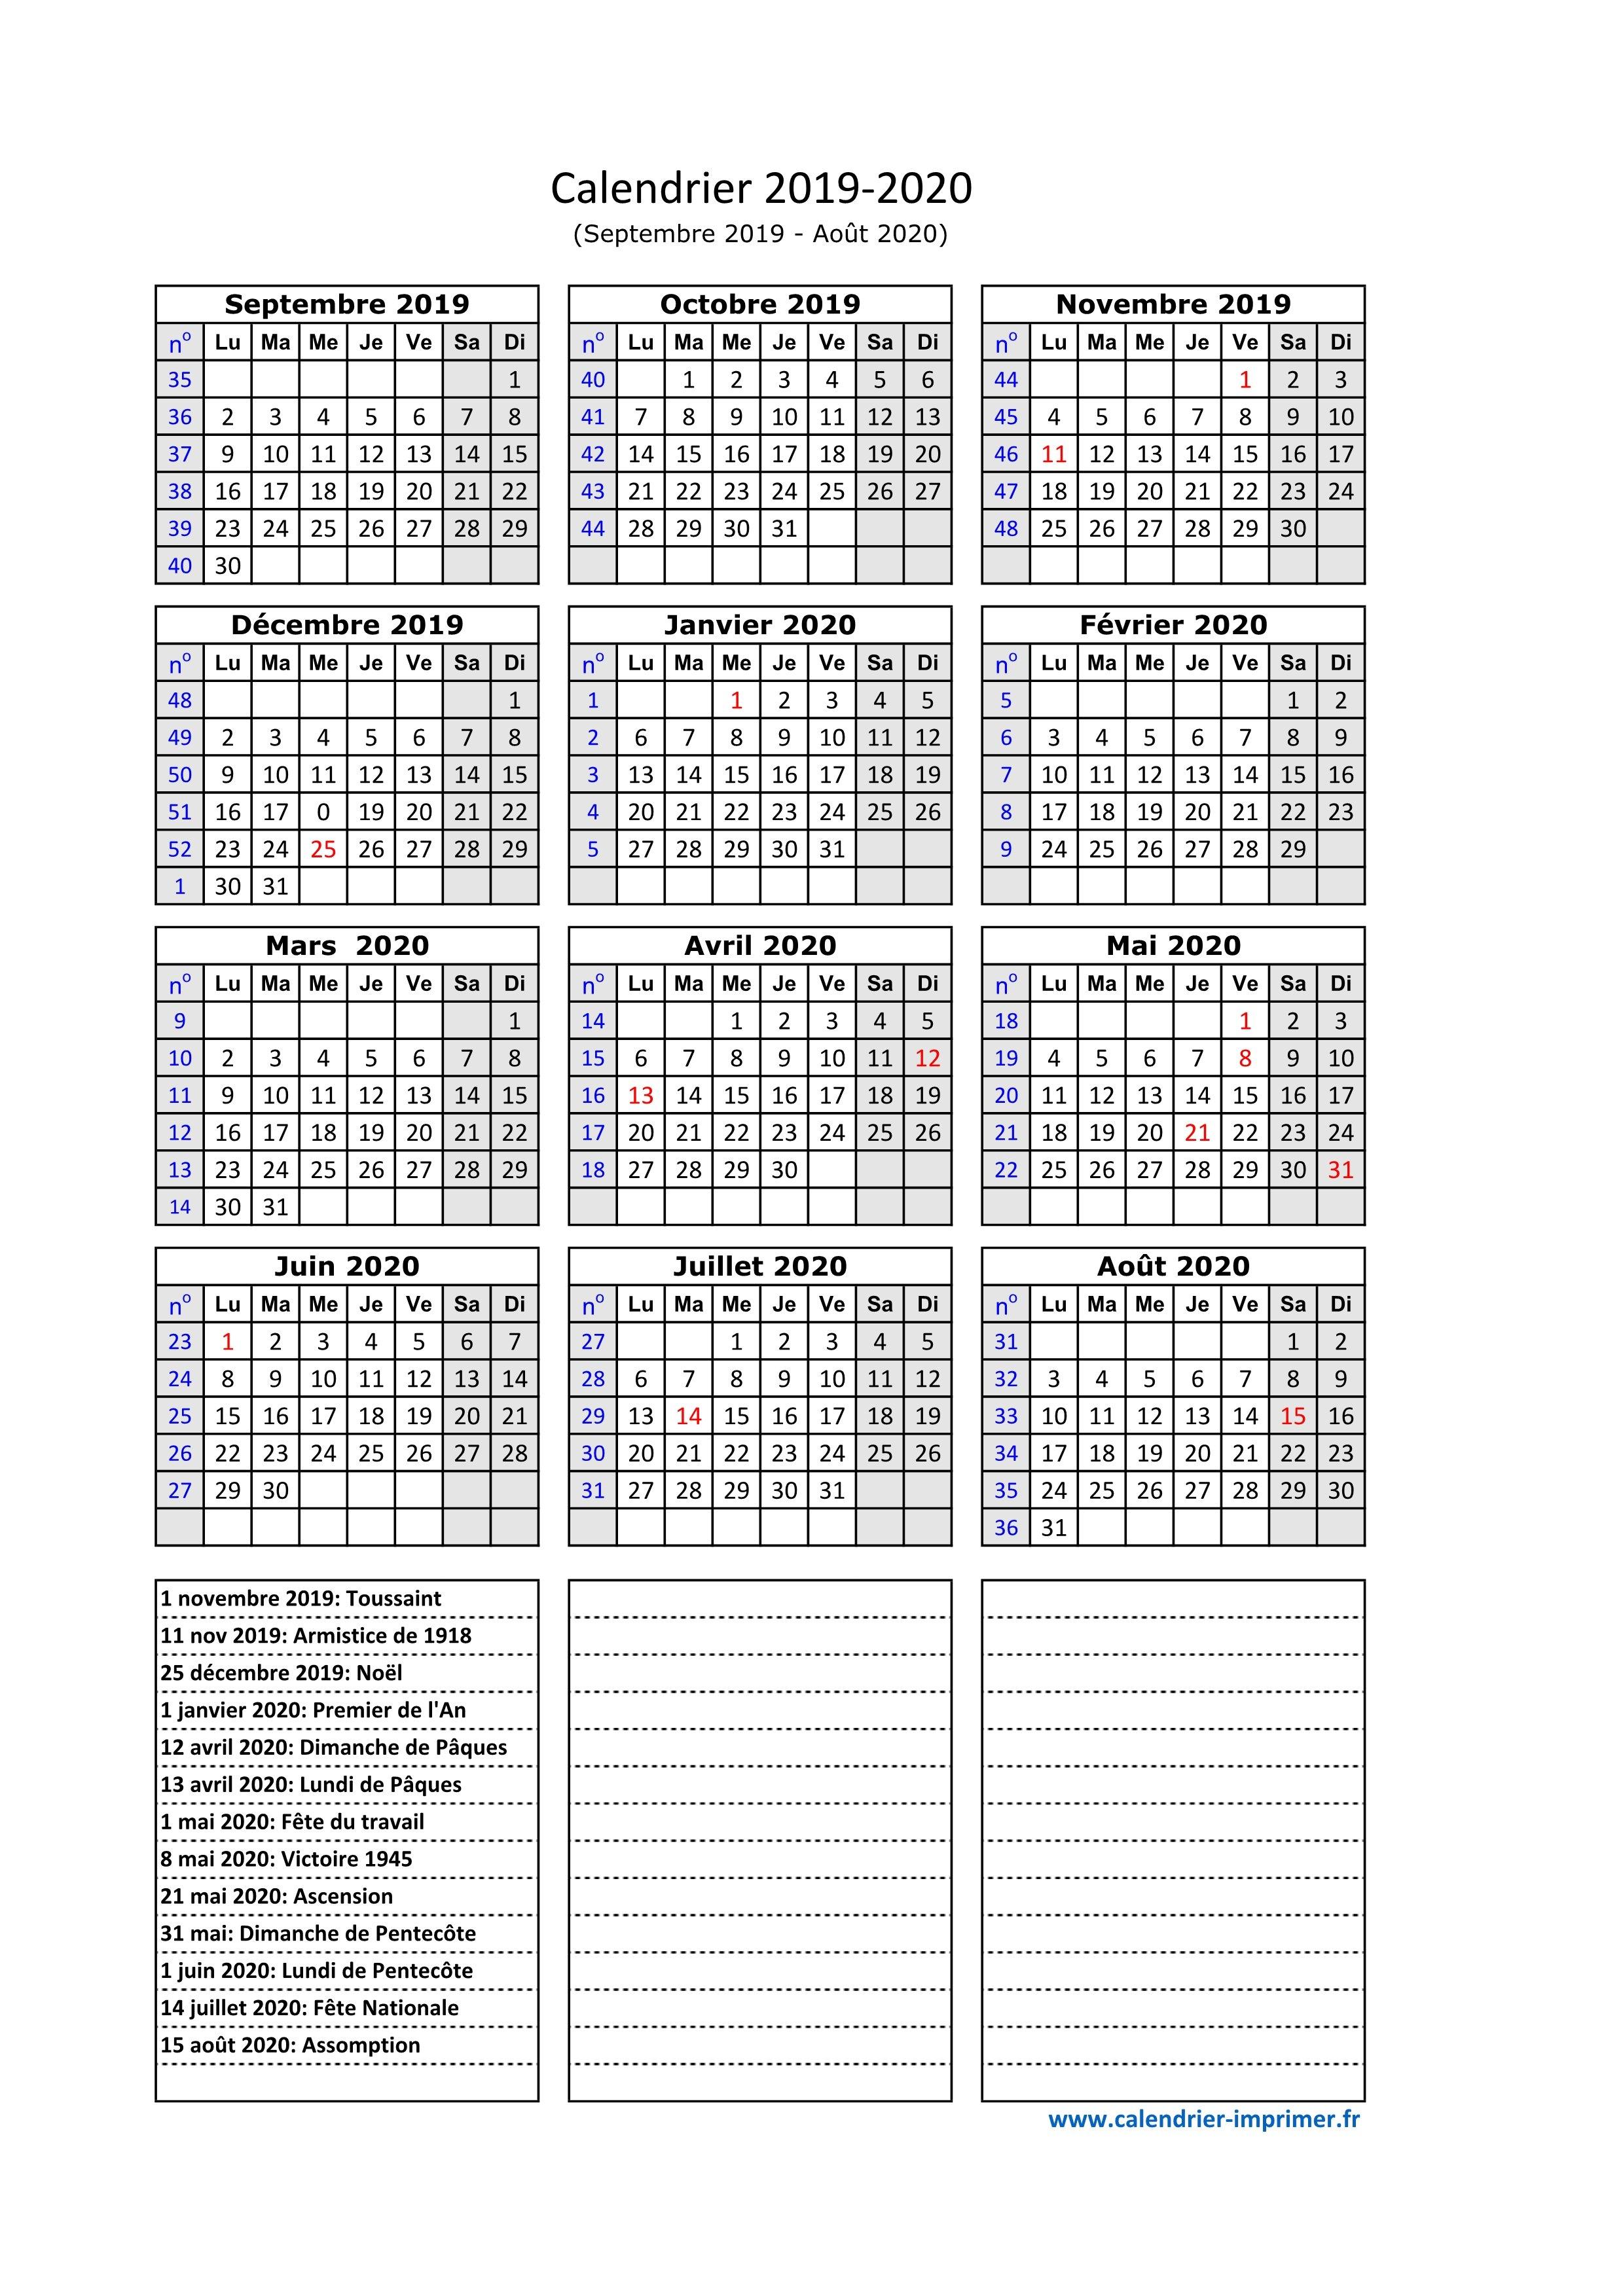 Calendrier A Imprimer Novembre 2020.Calendrier 2019 2020 A Imprimer